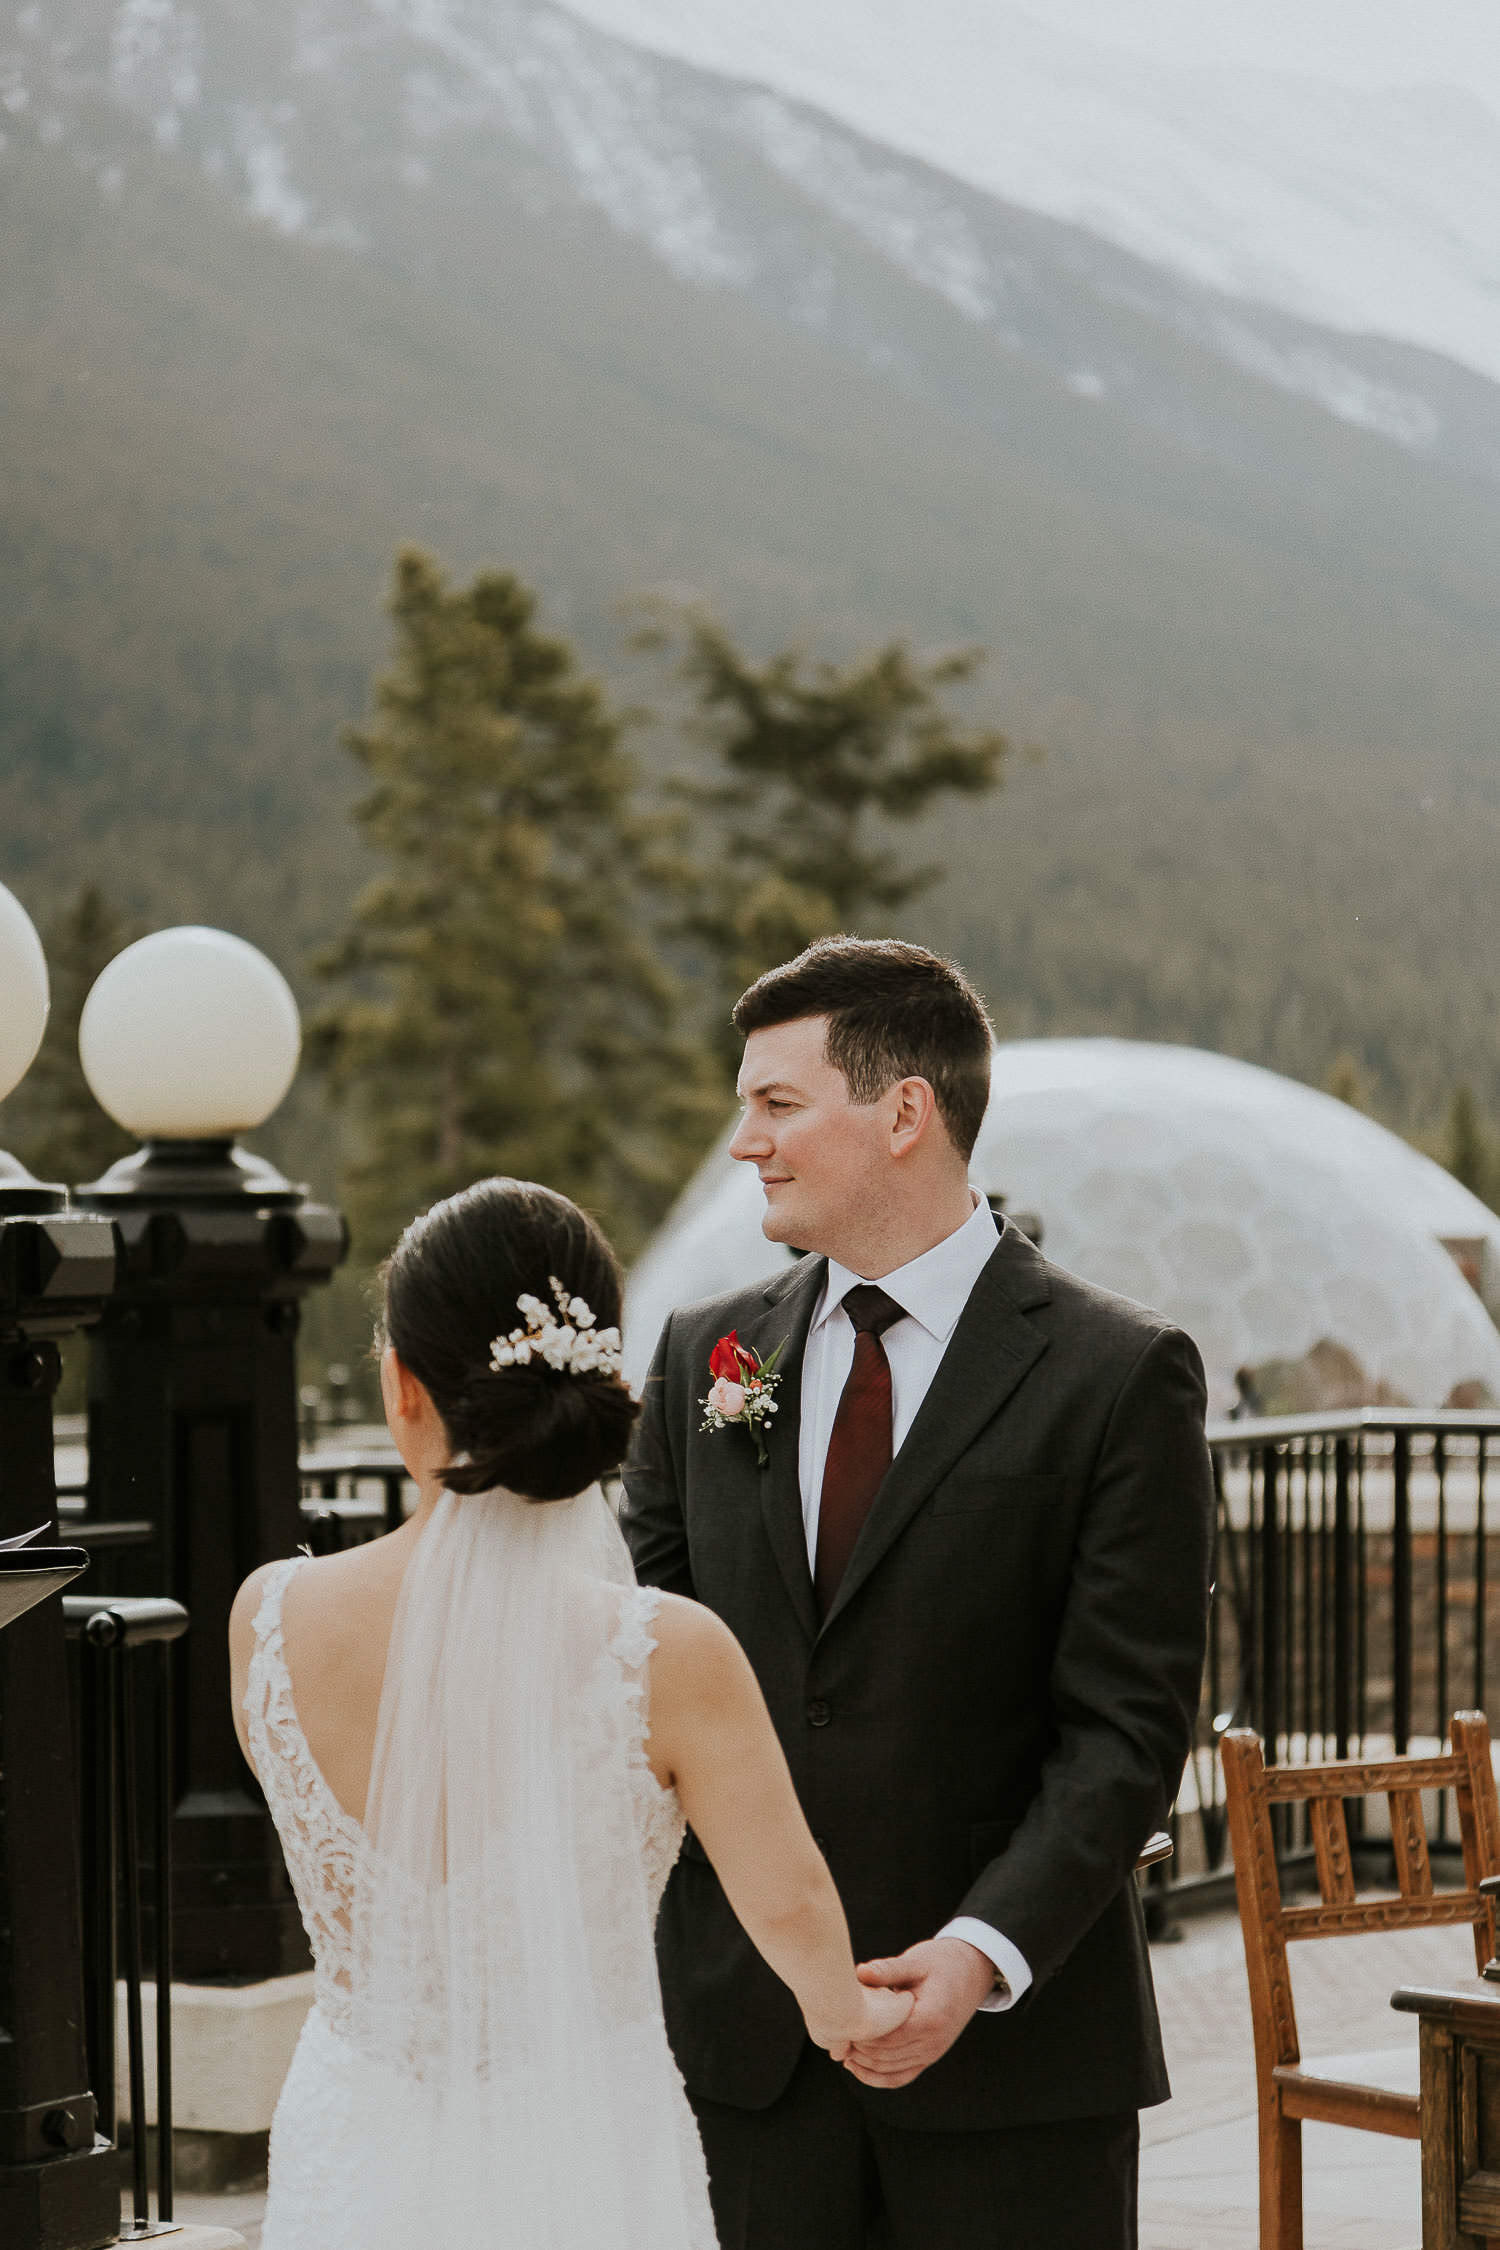 intimate-wedding-at-banff-springs-hotel-sarah-pukin-0073